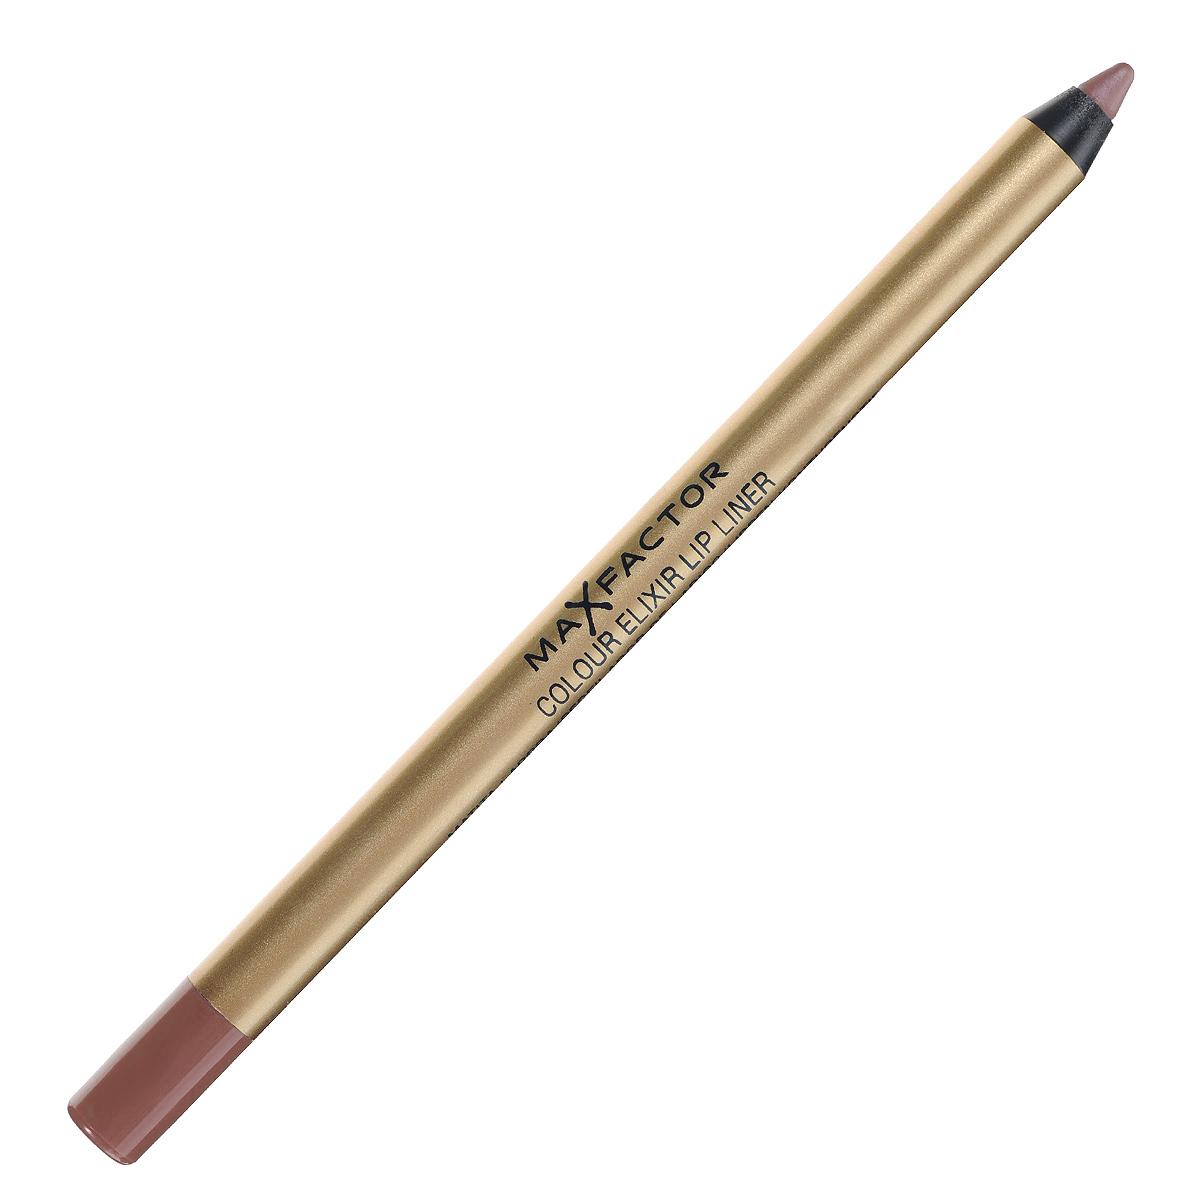 Max Factor Карандаш для губ Colour Elixir Lip Liner, тон №14 brown n nude, цвет: коричневый02-1159-000009Секрет эффектного макияжа губ - правильный карандаш. Он мягко касается губ и рисует точную линию, подчеркивая контур и одновременно ухаживая за губами. Карандаш для губ Colour Elixir подчеркивает твои губы, придавая им форму. - Роскошный цвет и увлажнение для мягких и гладких губ. - Оттенки подходят к палитре помады Colour Elixir. - Легко наносится.1. Выбирай карандаш на один тон темнее твоей помады 2. Наточи карандаш и смягчи кончик салфеткой 3. Подведи губы в уголках, дугу Купидона и середину нижней губы, затем соедини линии 4. Нанеси несколько легких штрихов на губы, чтобы помада держалась дольше.